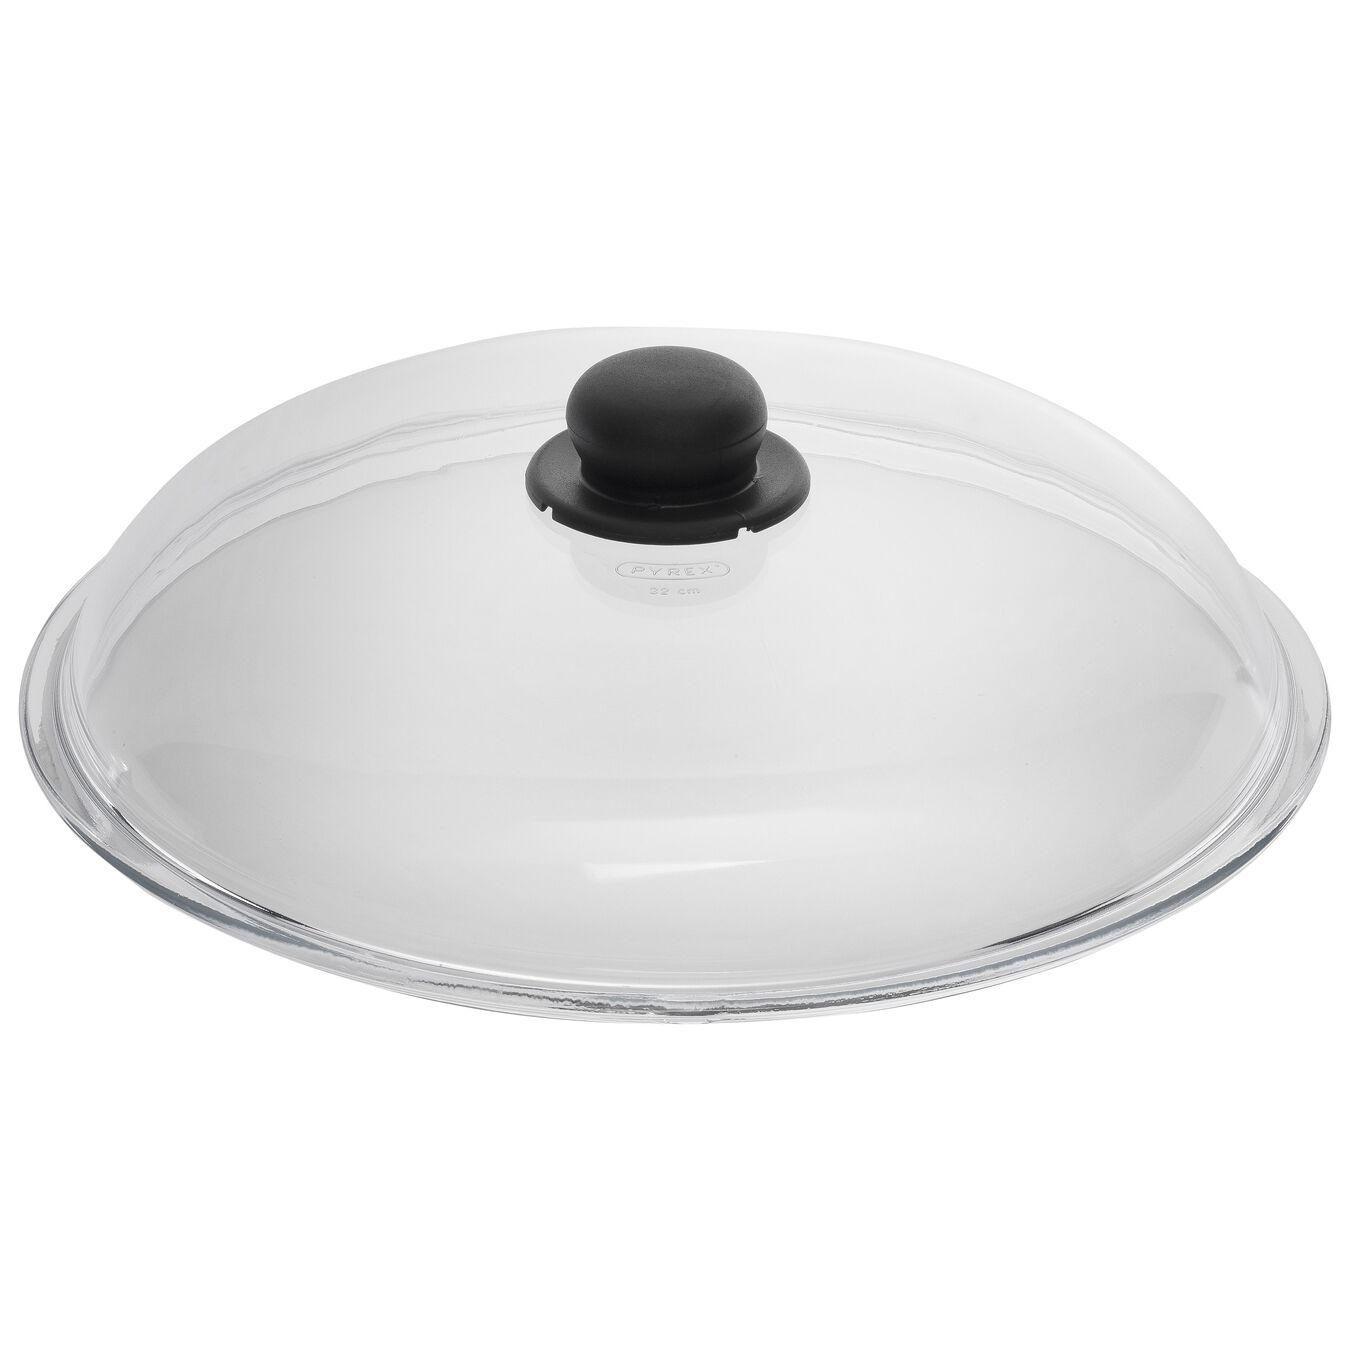 Deckel, 32 cm | rund | Glas,,large 1